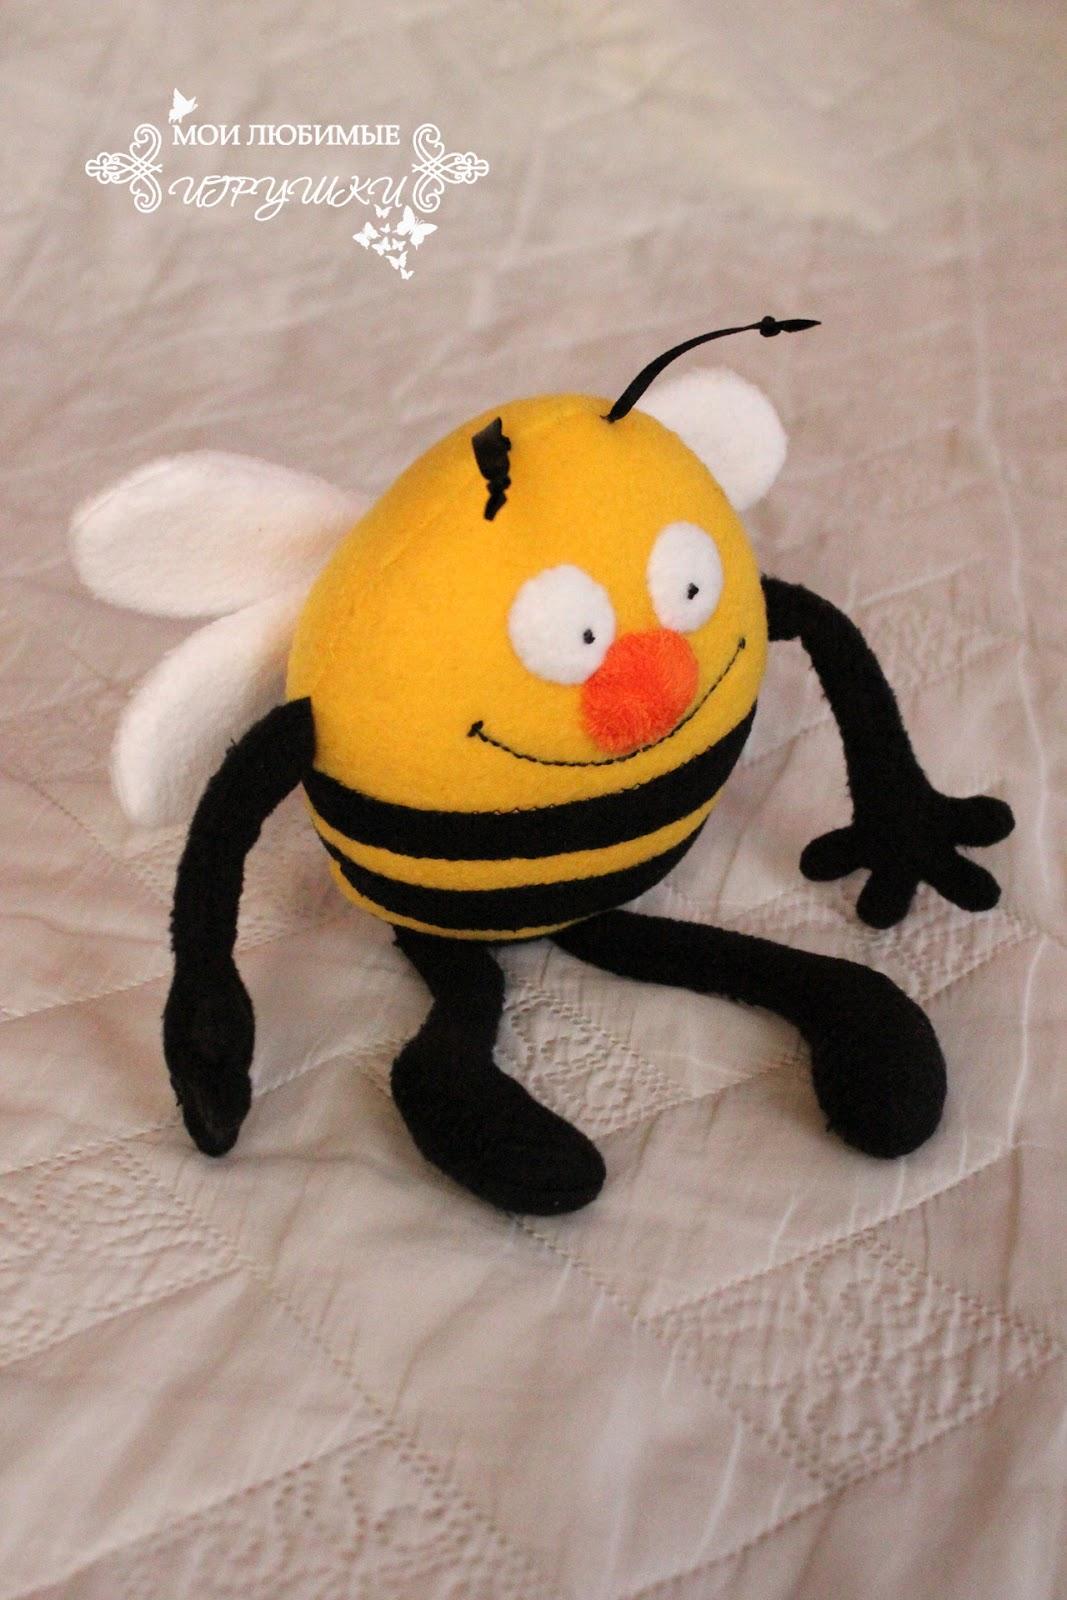 Как сделать своими руками пчелку на елку